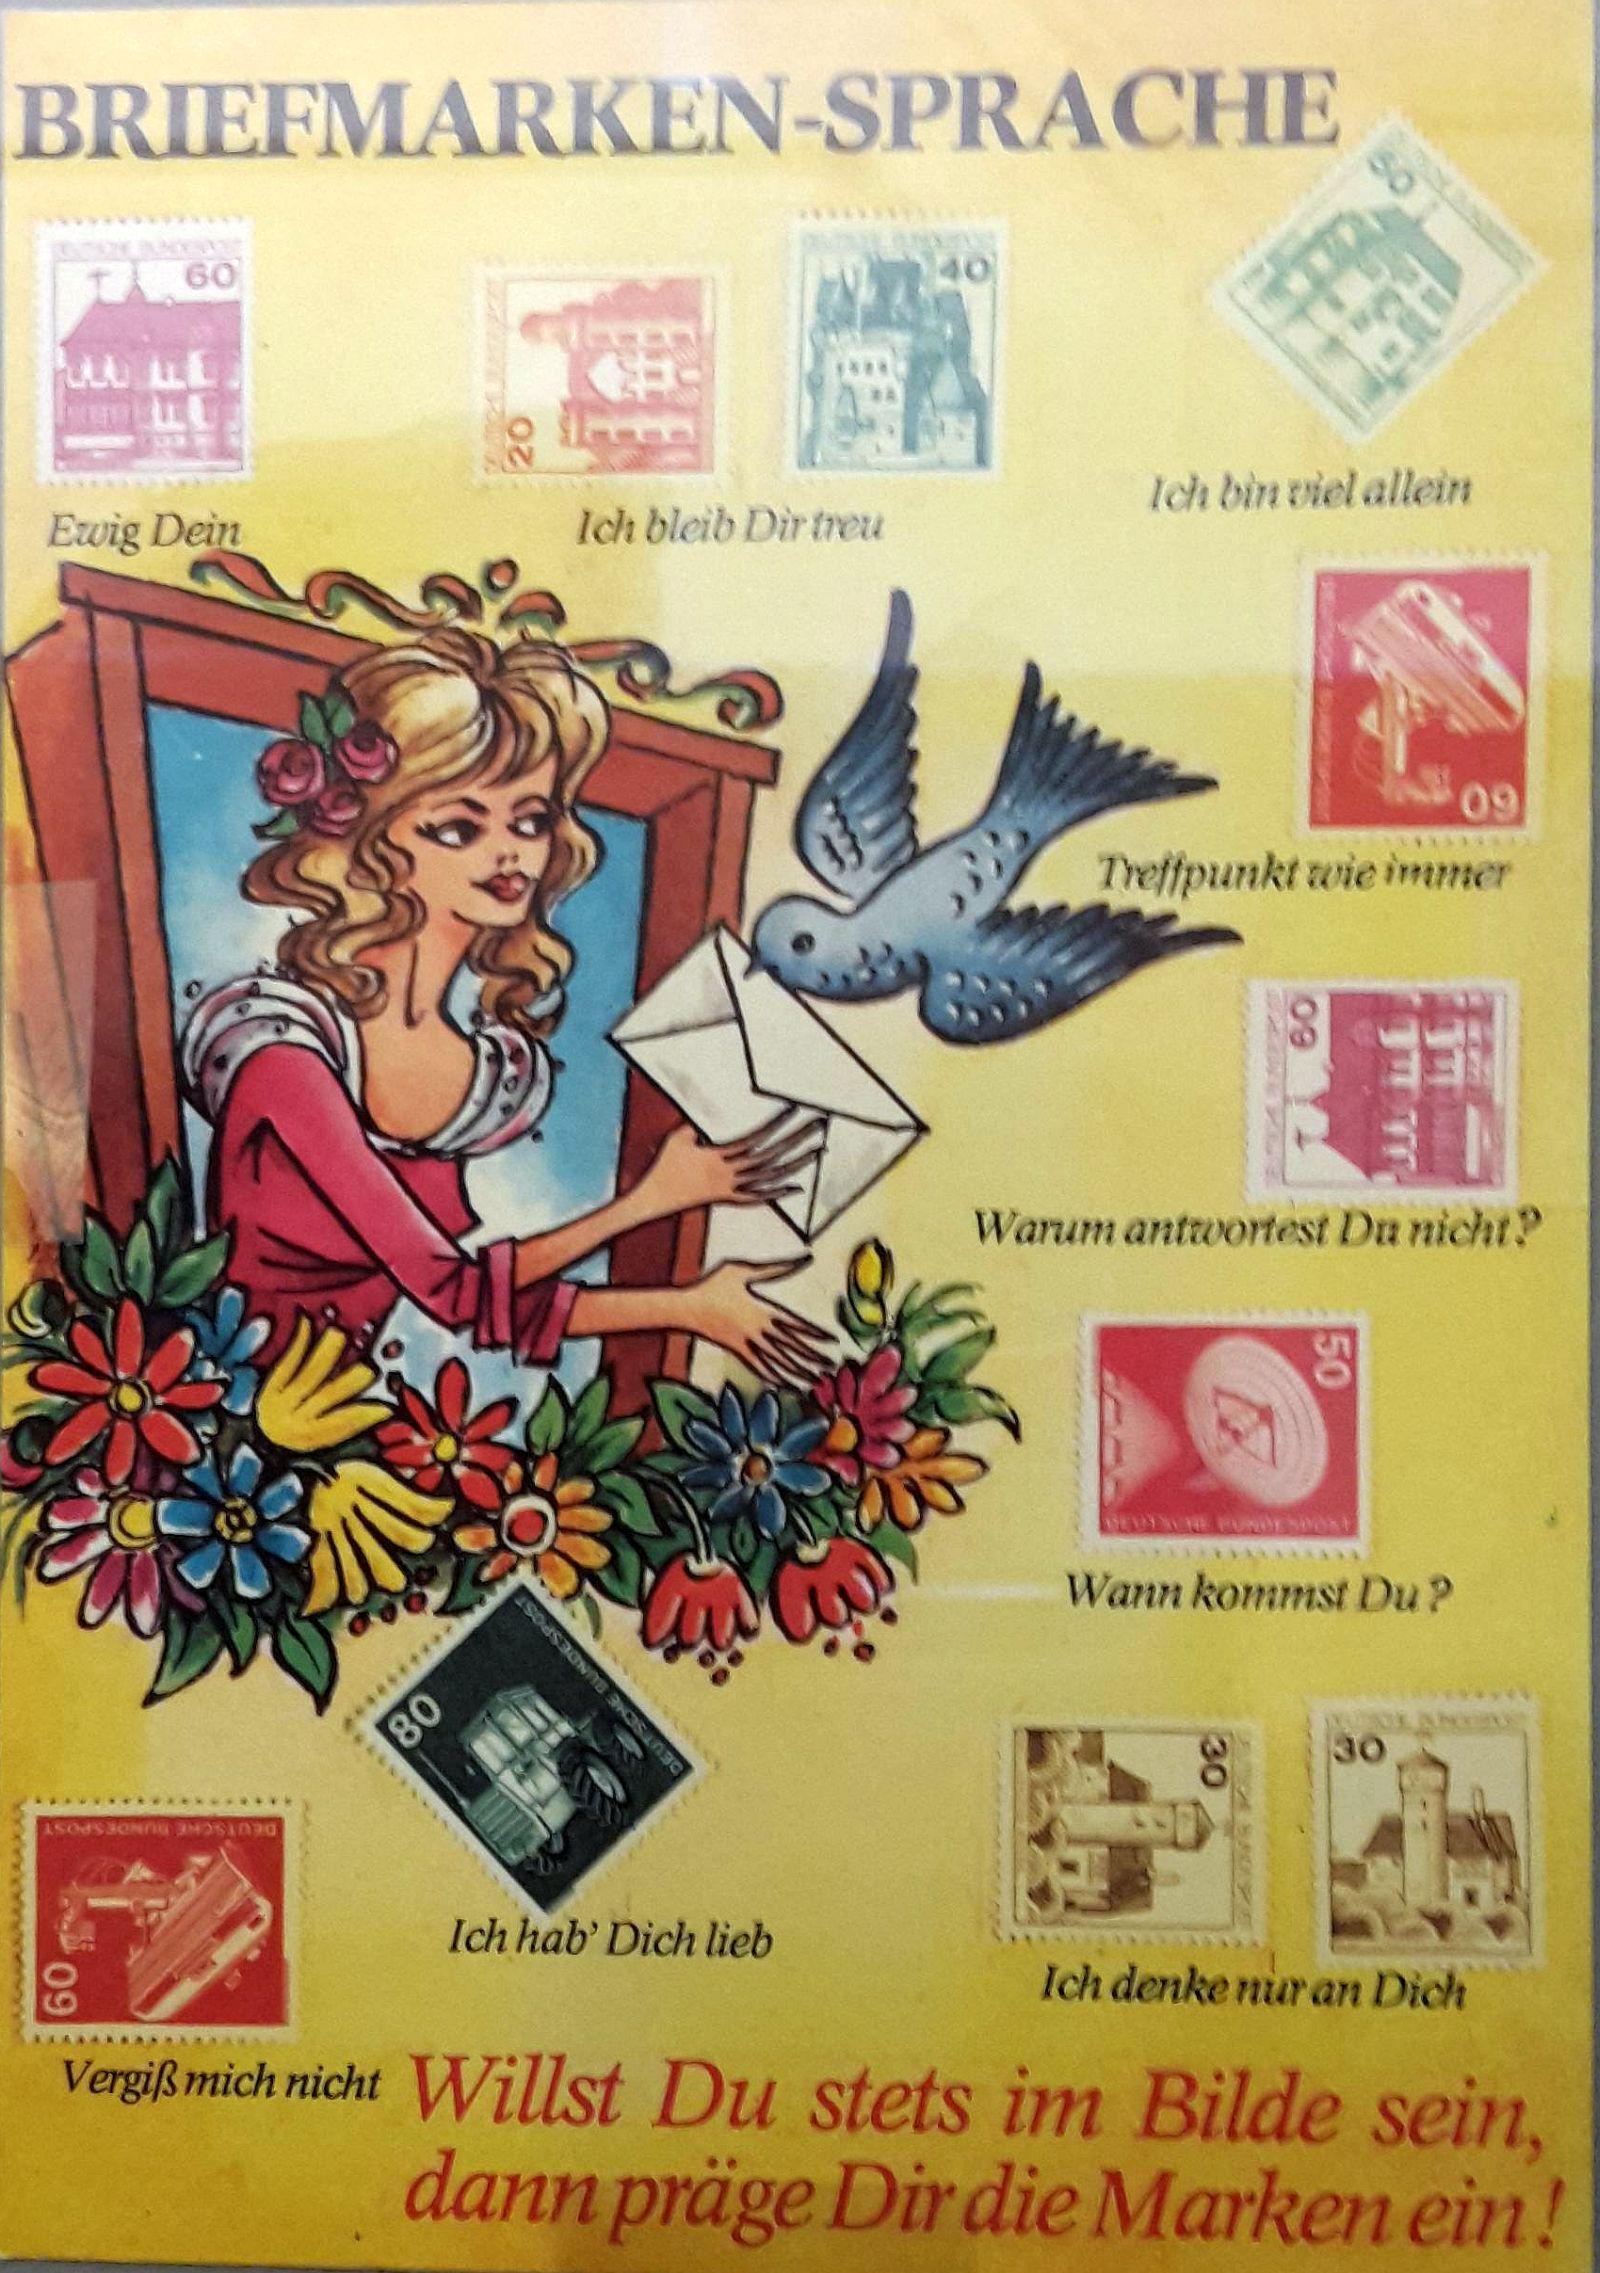 Briefmarkensprache_1a.jpg